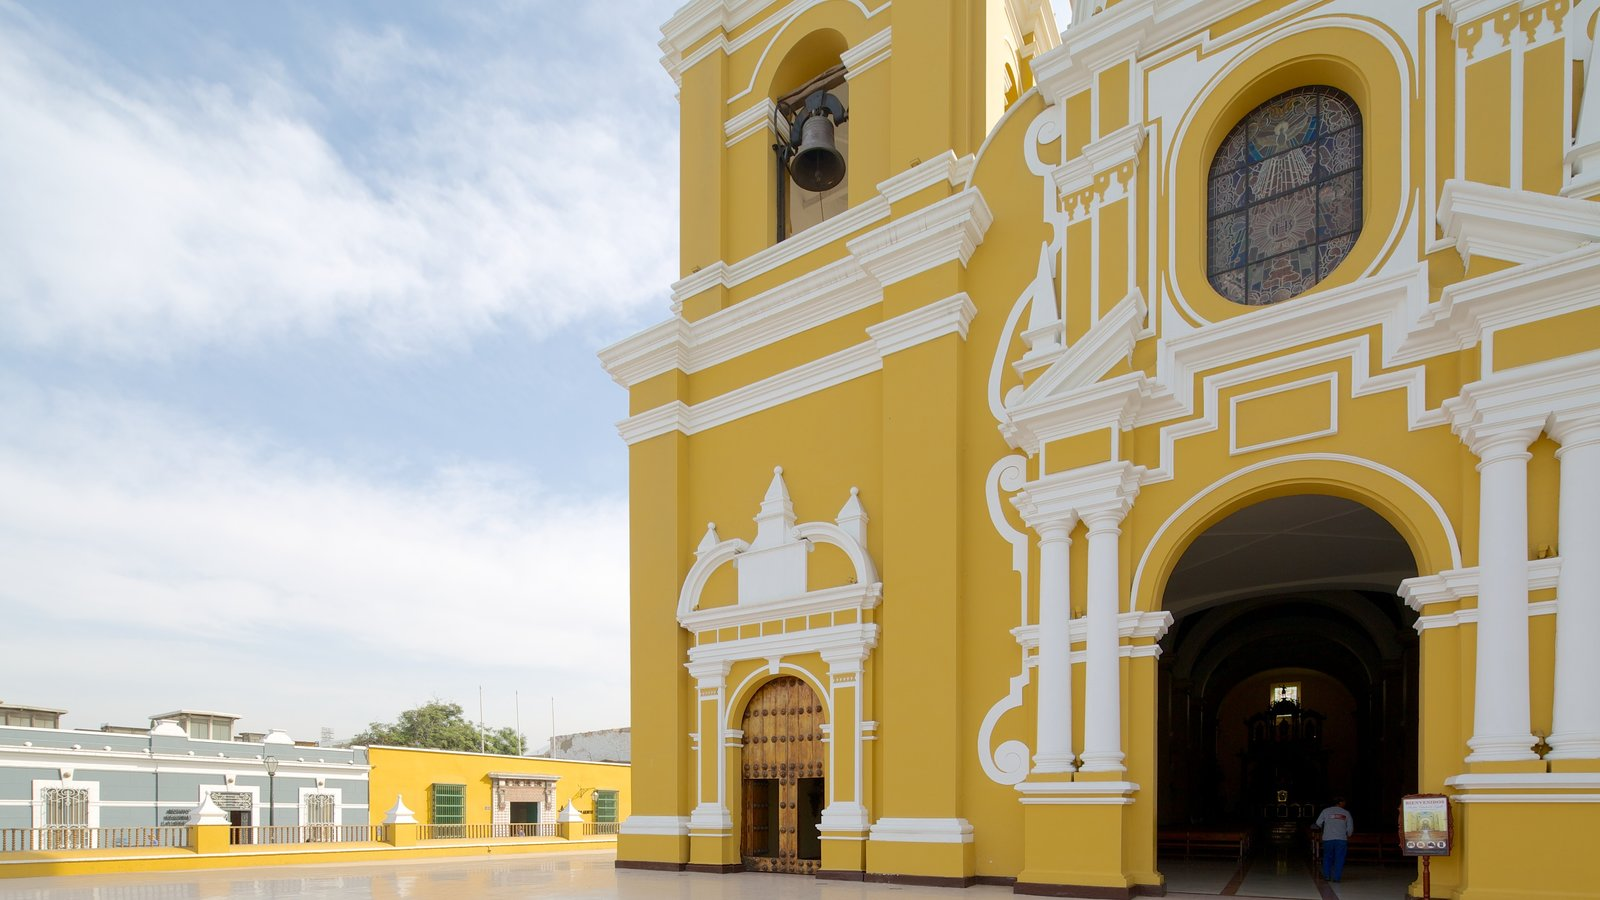 Catedral de Trujillo que inclui uma igreja ou catedral e arquitetura de patrimônio